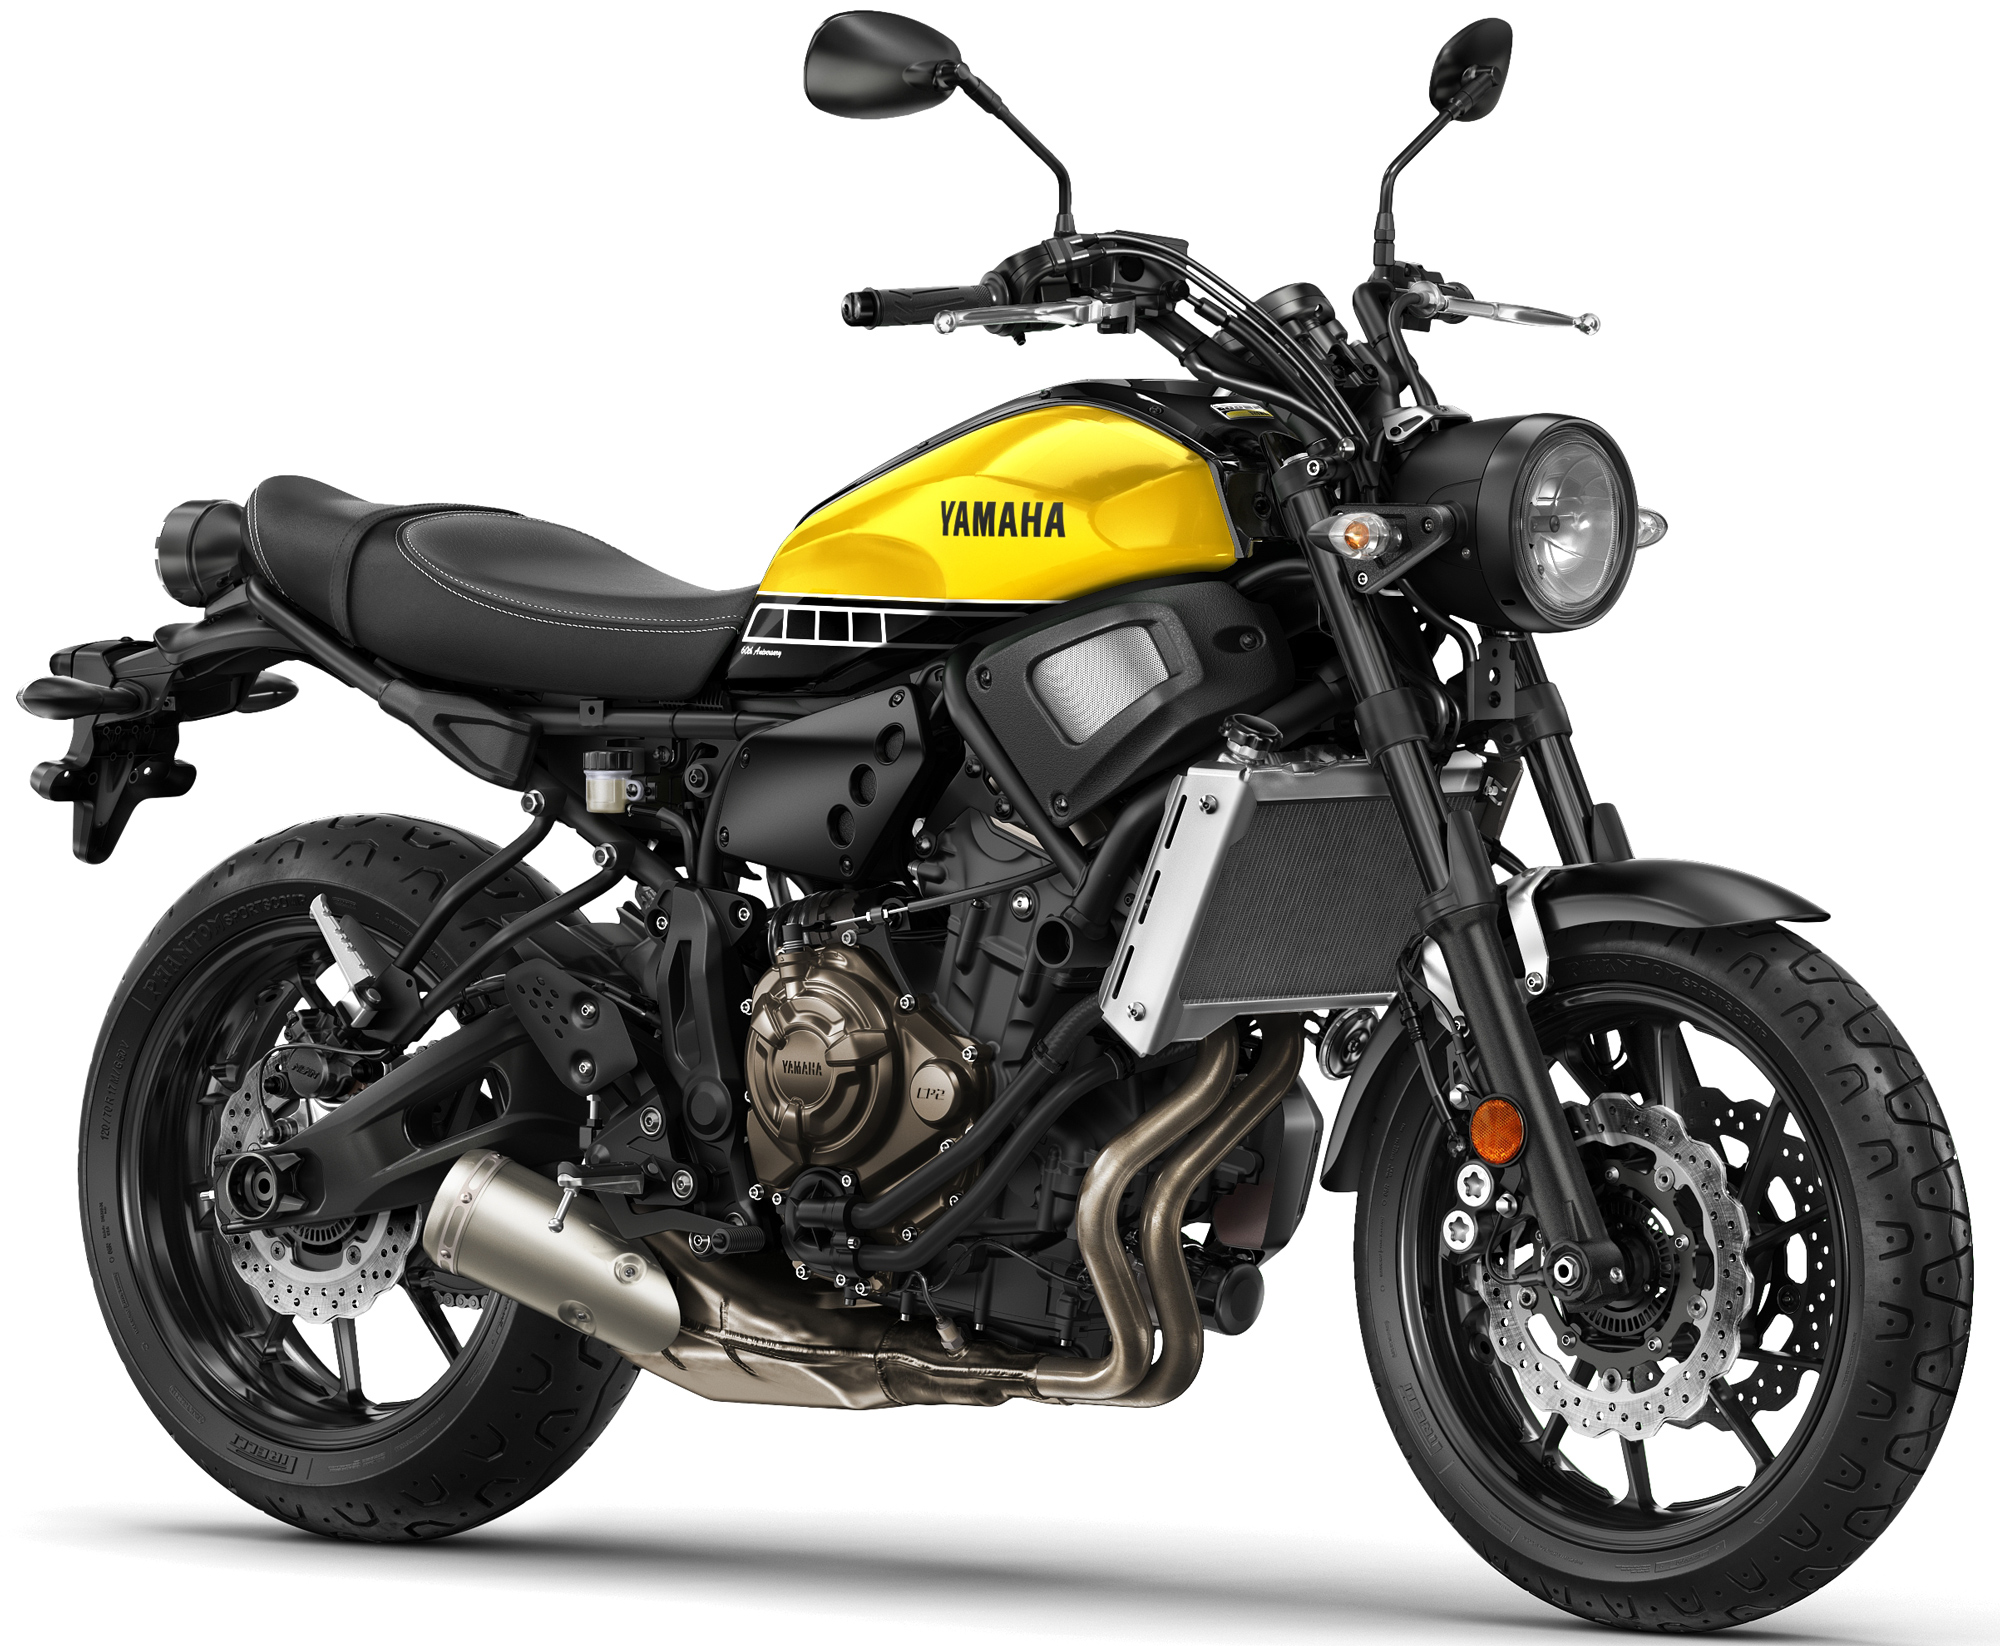 yamaha motorcycles cycle world - 840×560